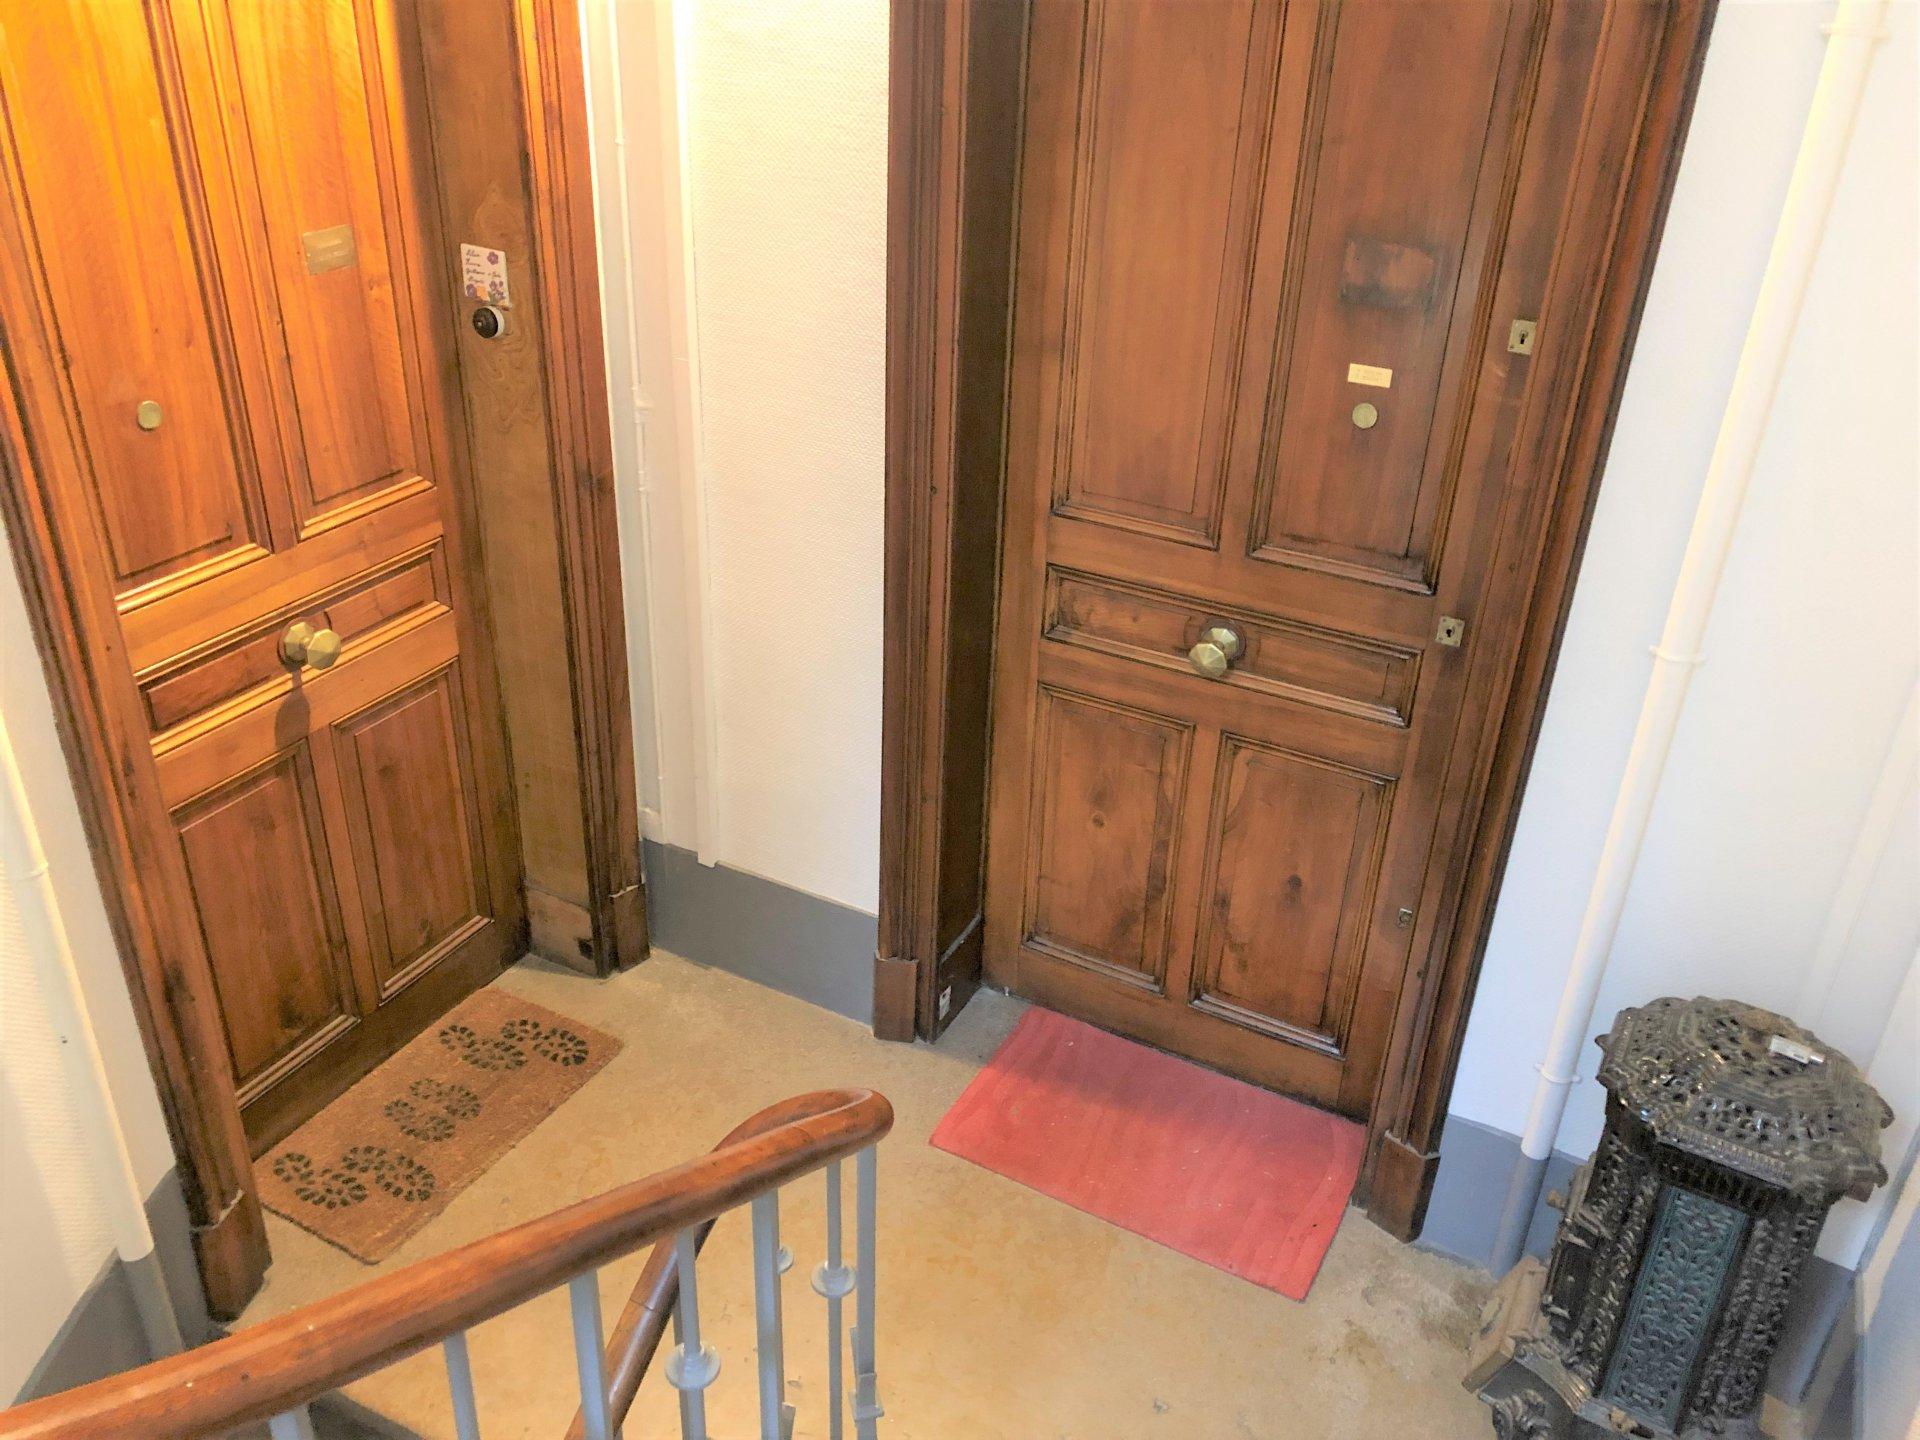 Porte d'accès à l'appartement